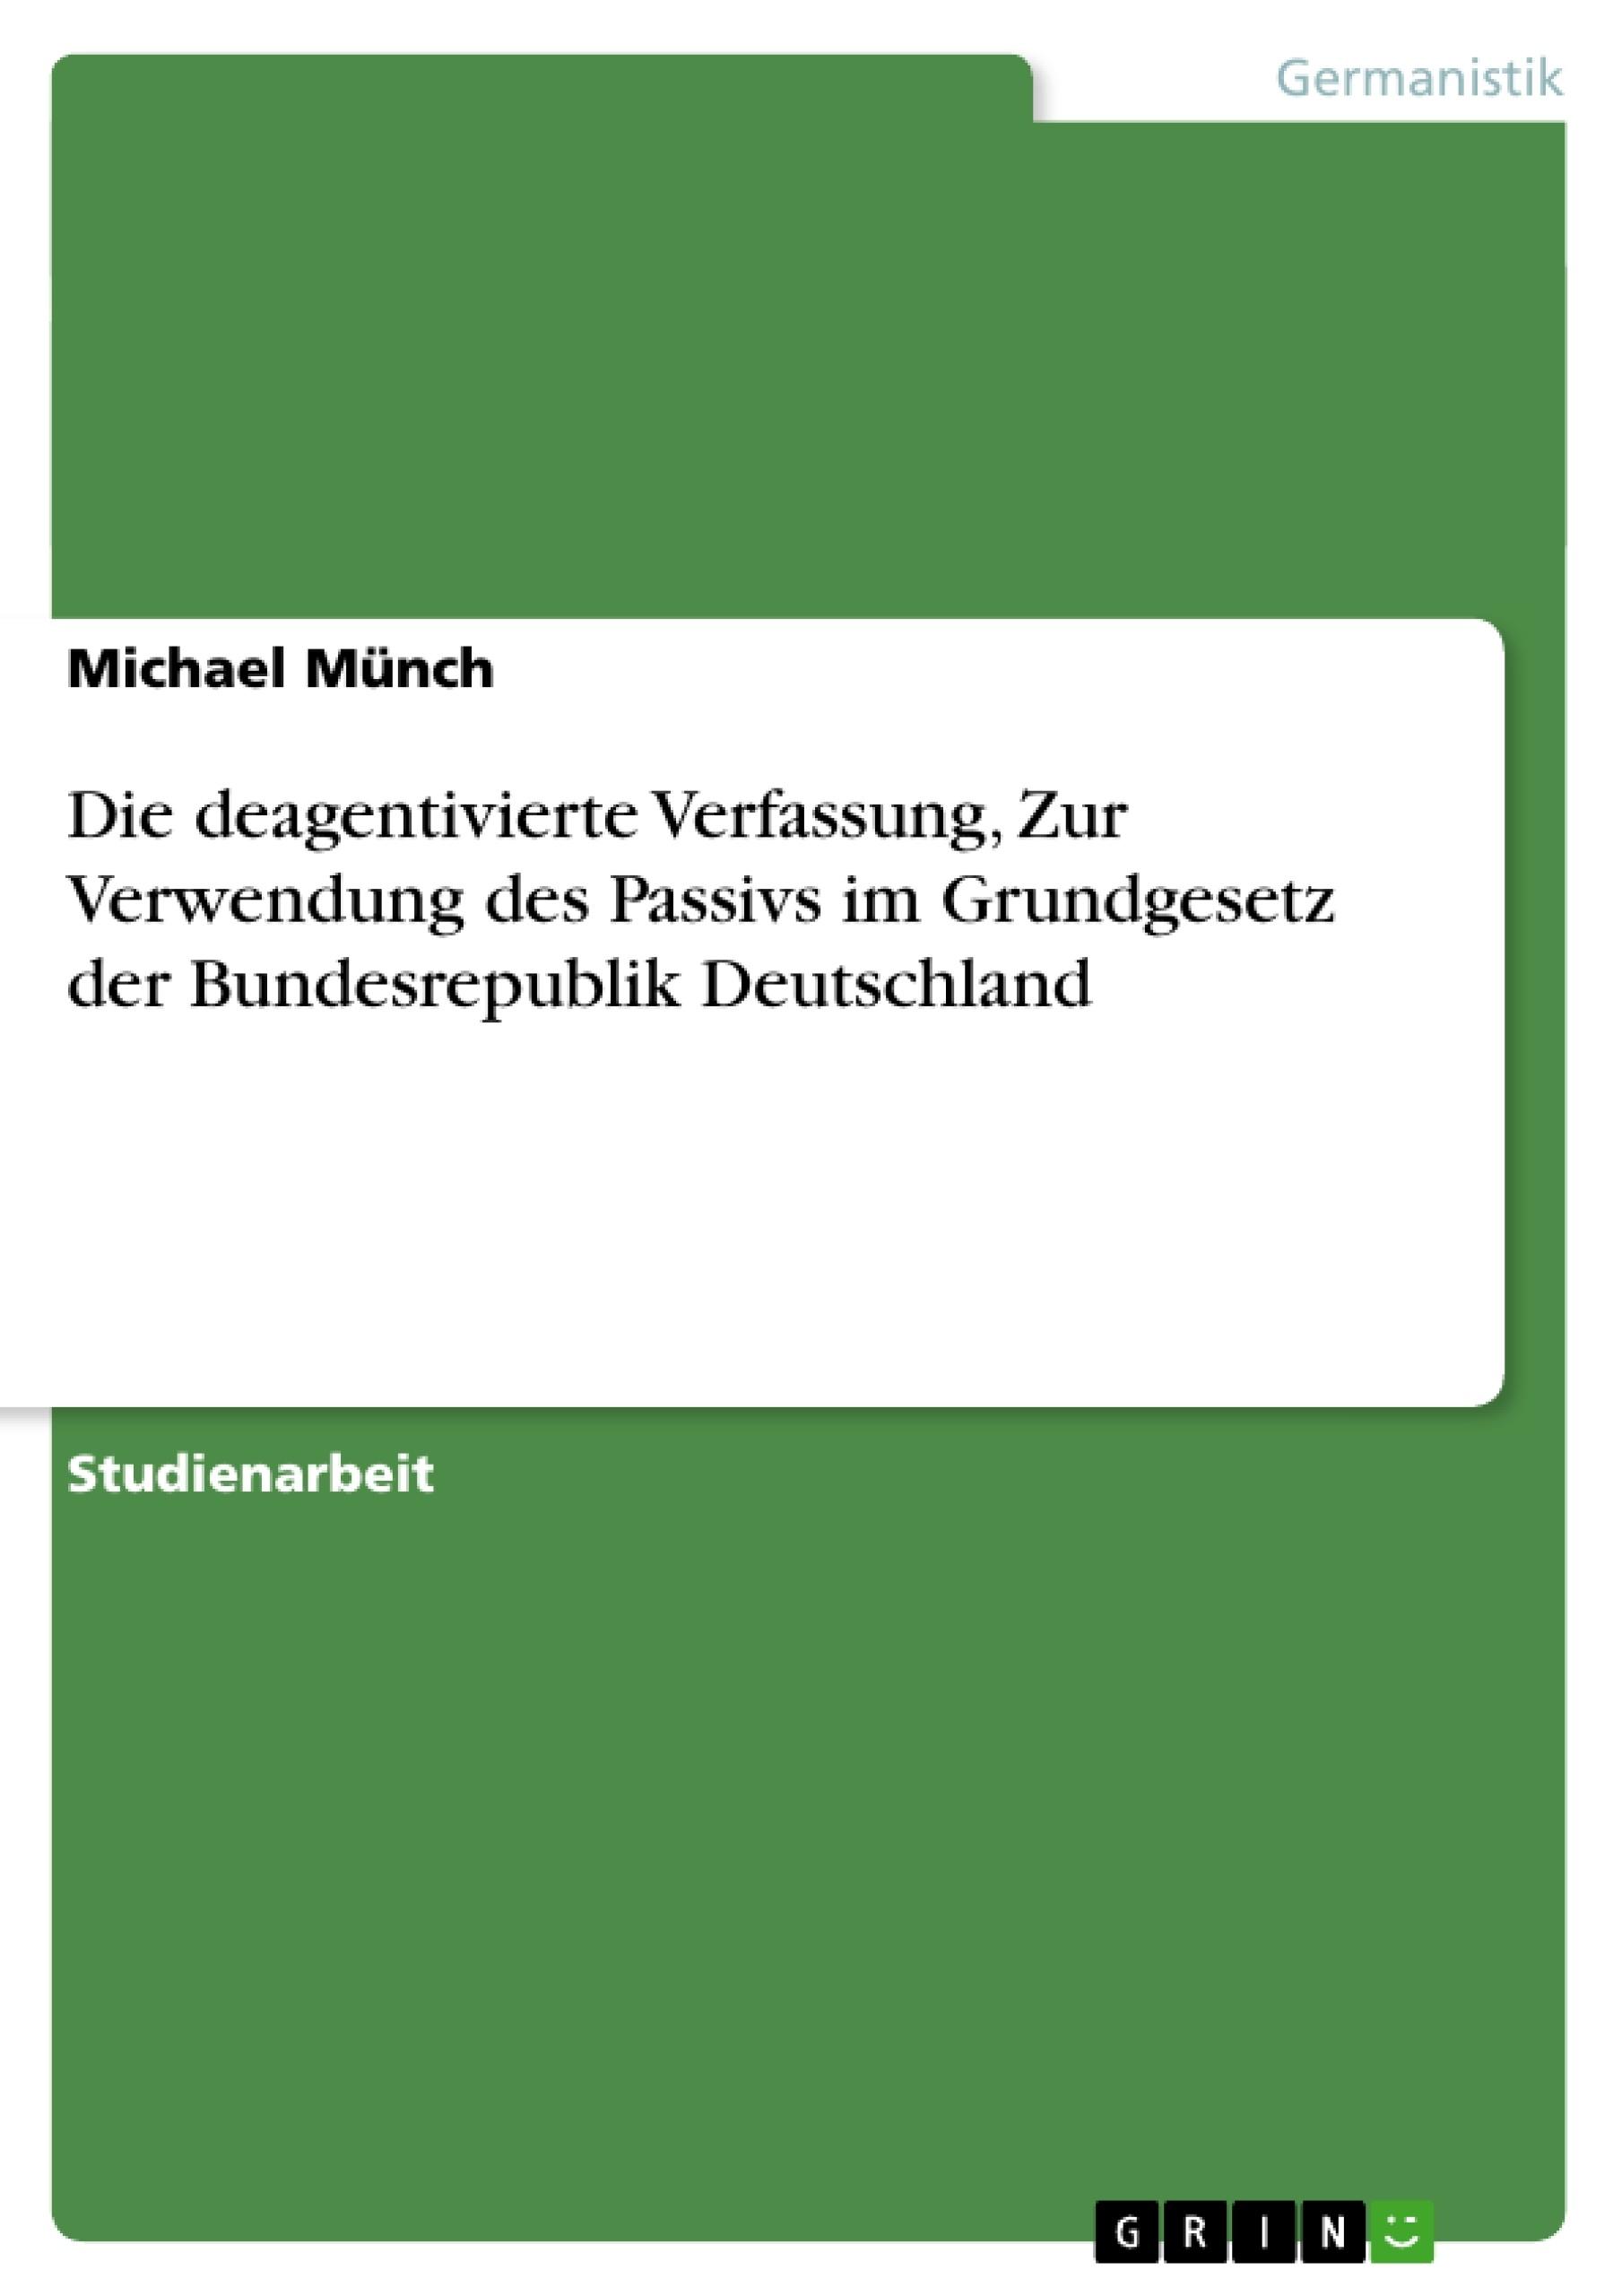 Titel: Die deagentivierte Verfassung, Zur Verwendung des Passivs im Grundgesetz der Bundesrepublik Deutschland